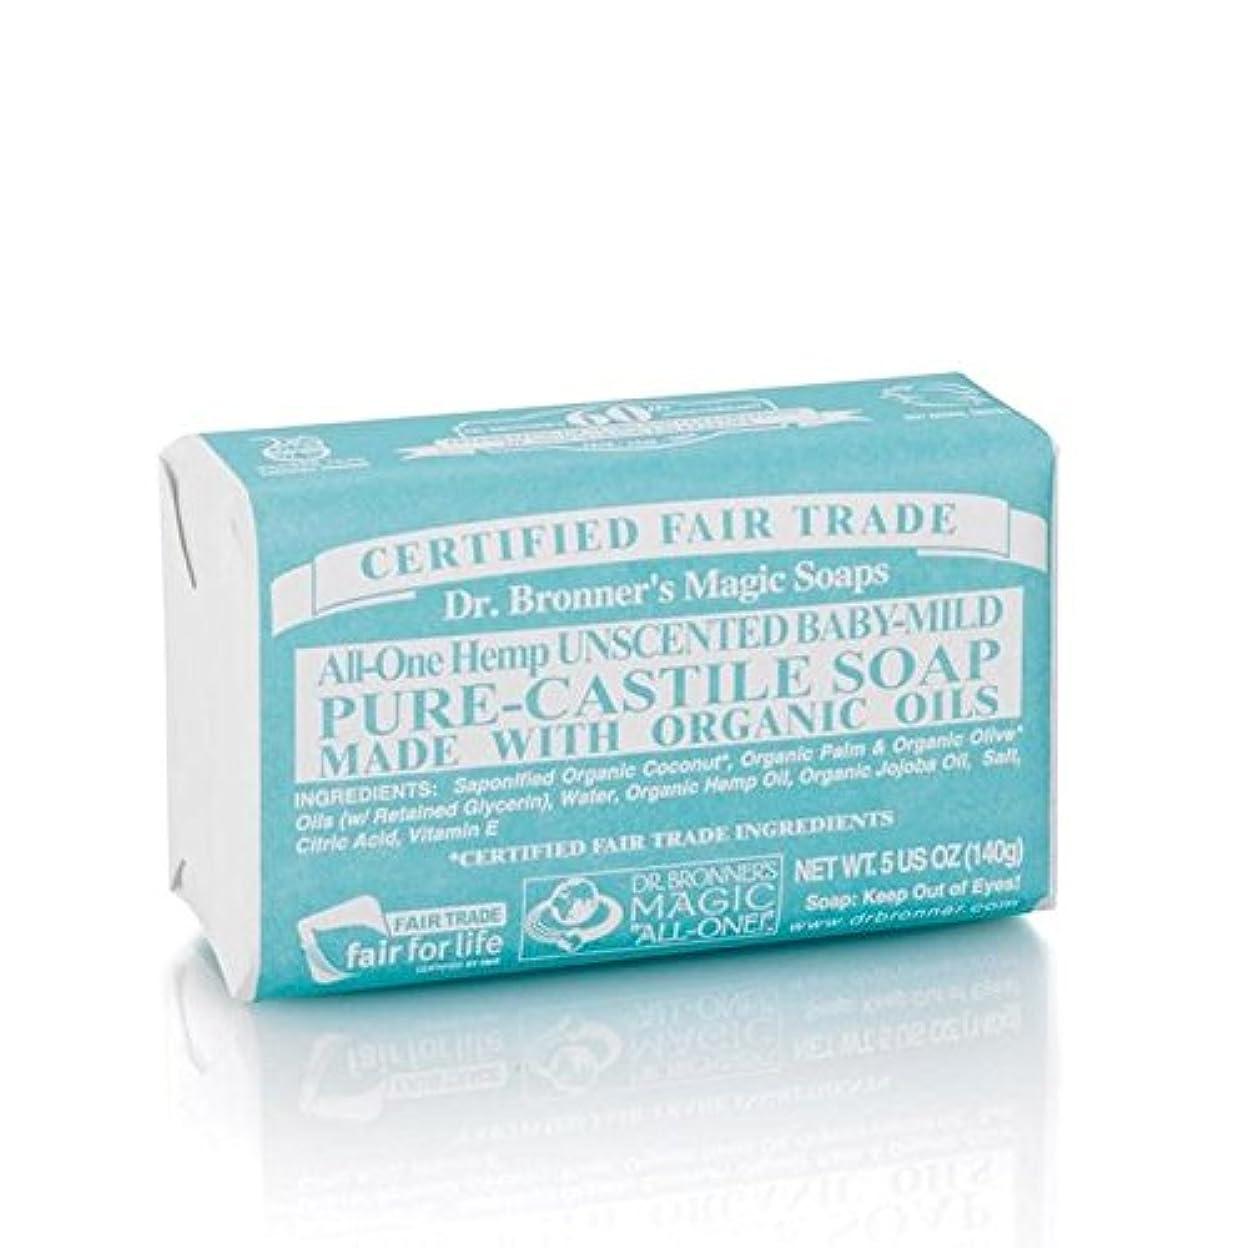 賃金縮れたためにのブロナーオーガニックベビーマイルドソープバー140グラム x2 - Dr Bronner Organic Baby Mild Soap Bar 140g (Pack of 2) [並行輸入品]